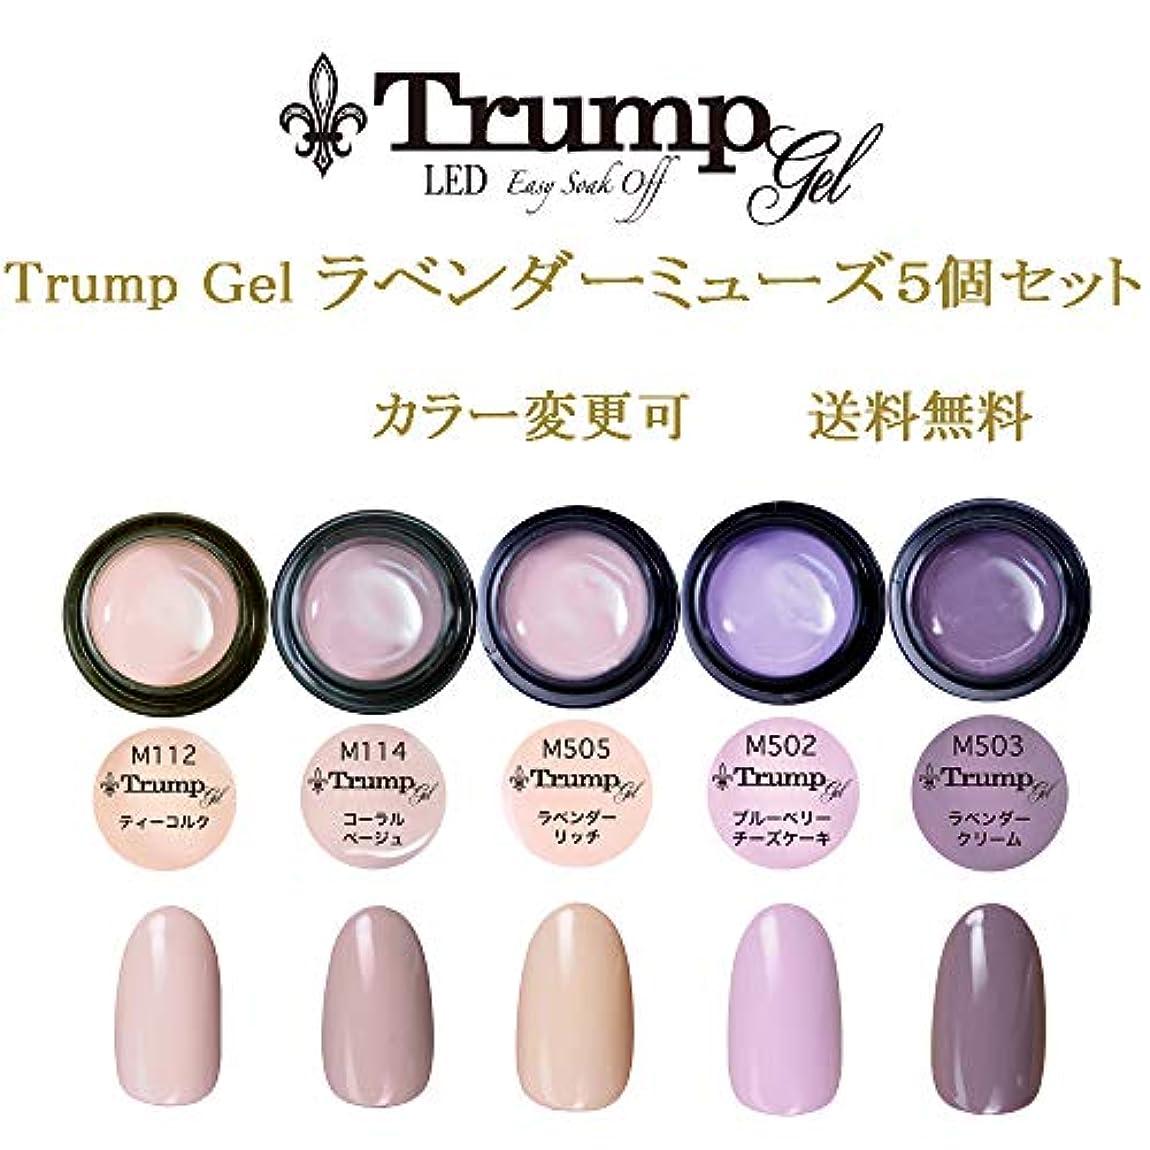 砲撃現れる帳面日本製 Trump gel トランプジェル ラベンダーミューズカラー 選べる カラージェル 5個セット ピンク ベージュ ラベンダーカラー